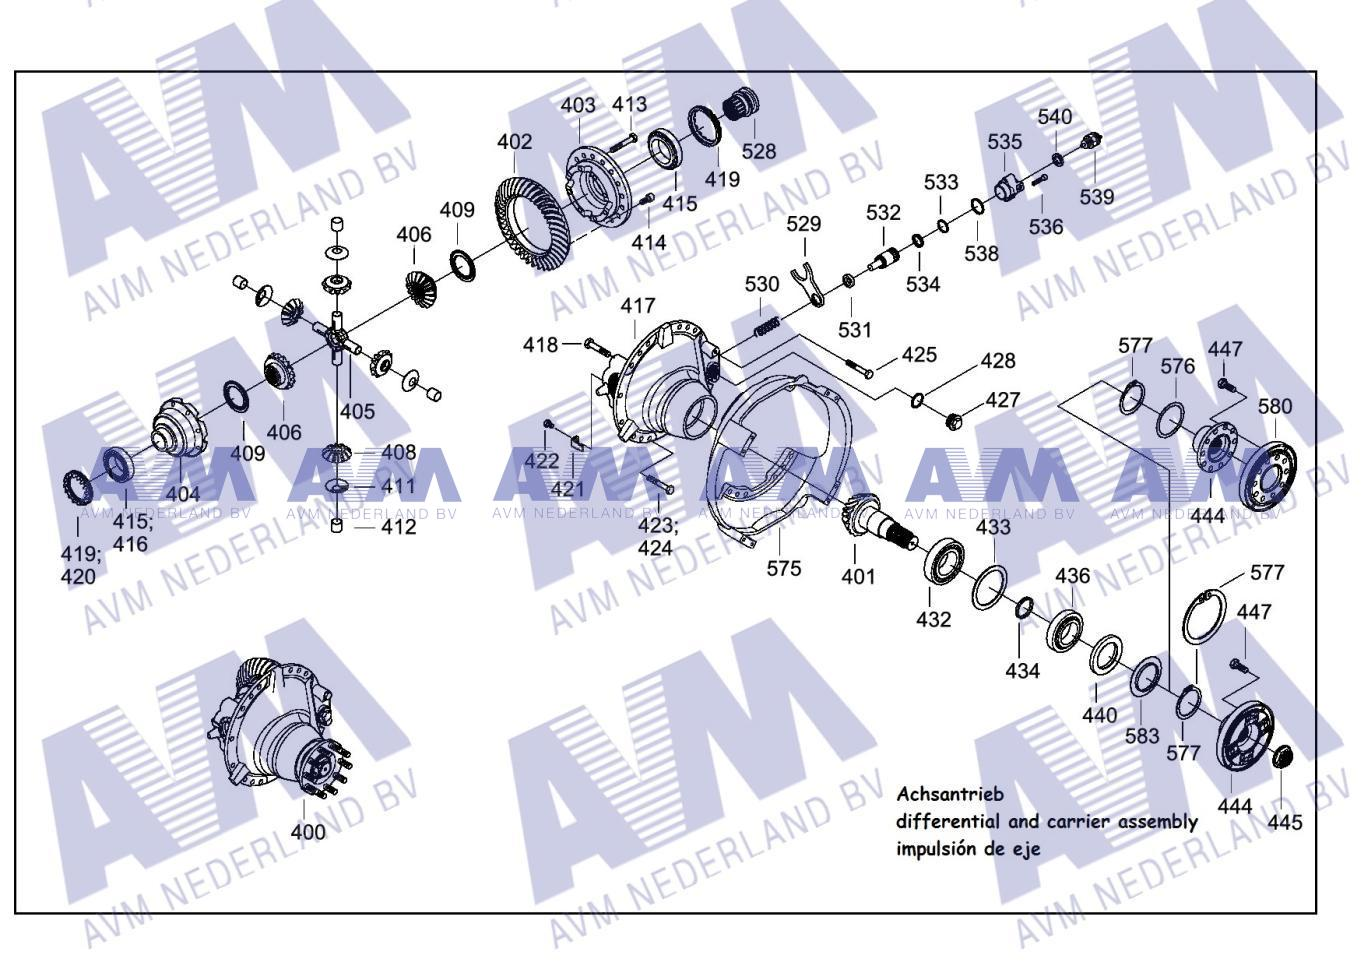 Tekening Asaandrijving 1traps DIF54 PPM